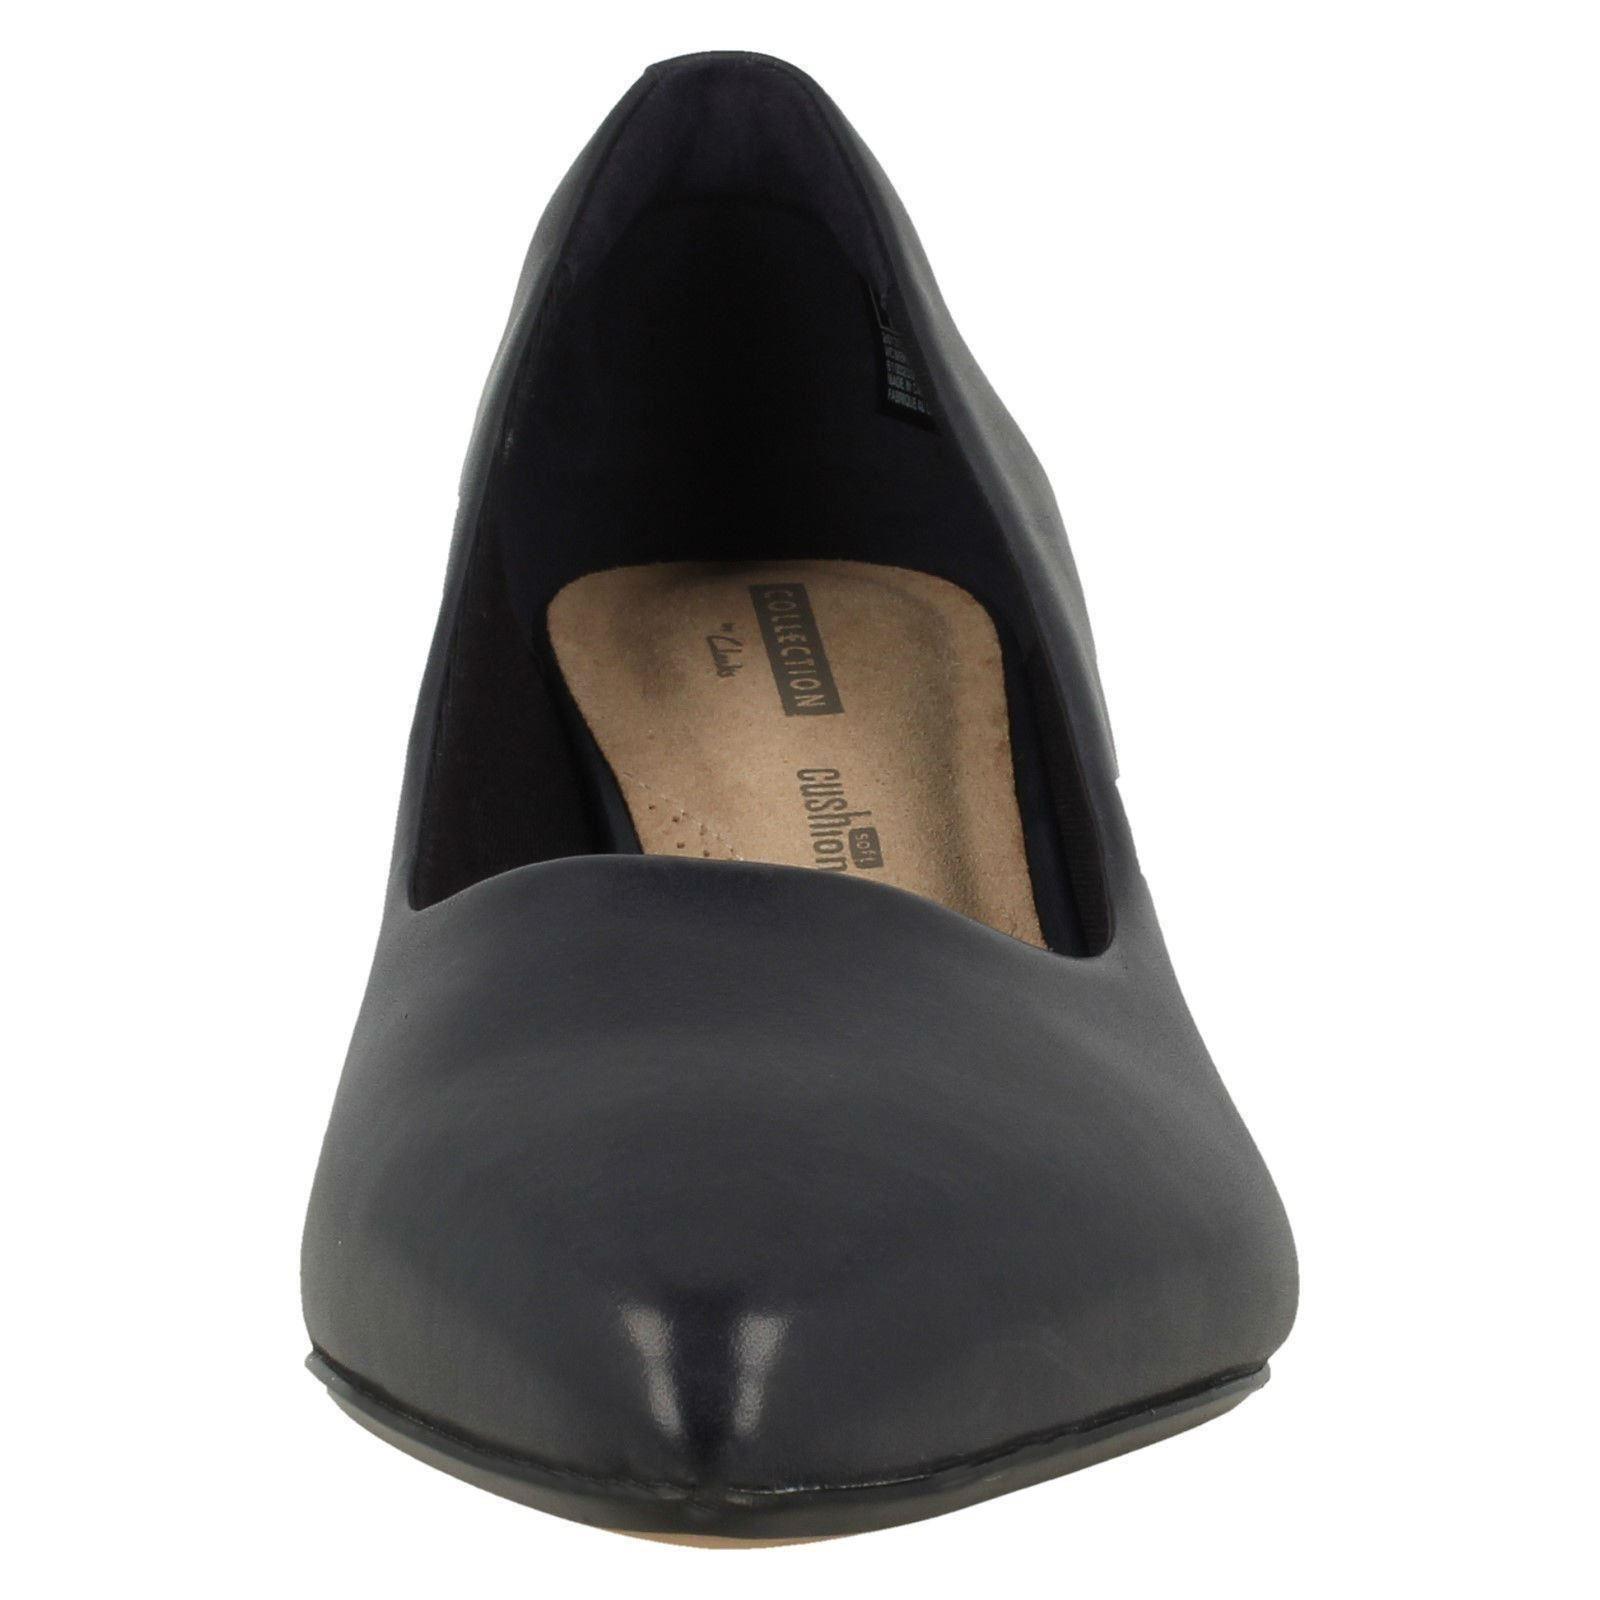 mesdames clarks, basse talon glisse sur les chaussures en cuir basse clarks, cour linvale jerica a322a7